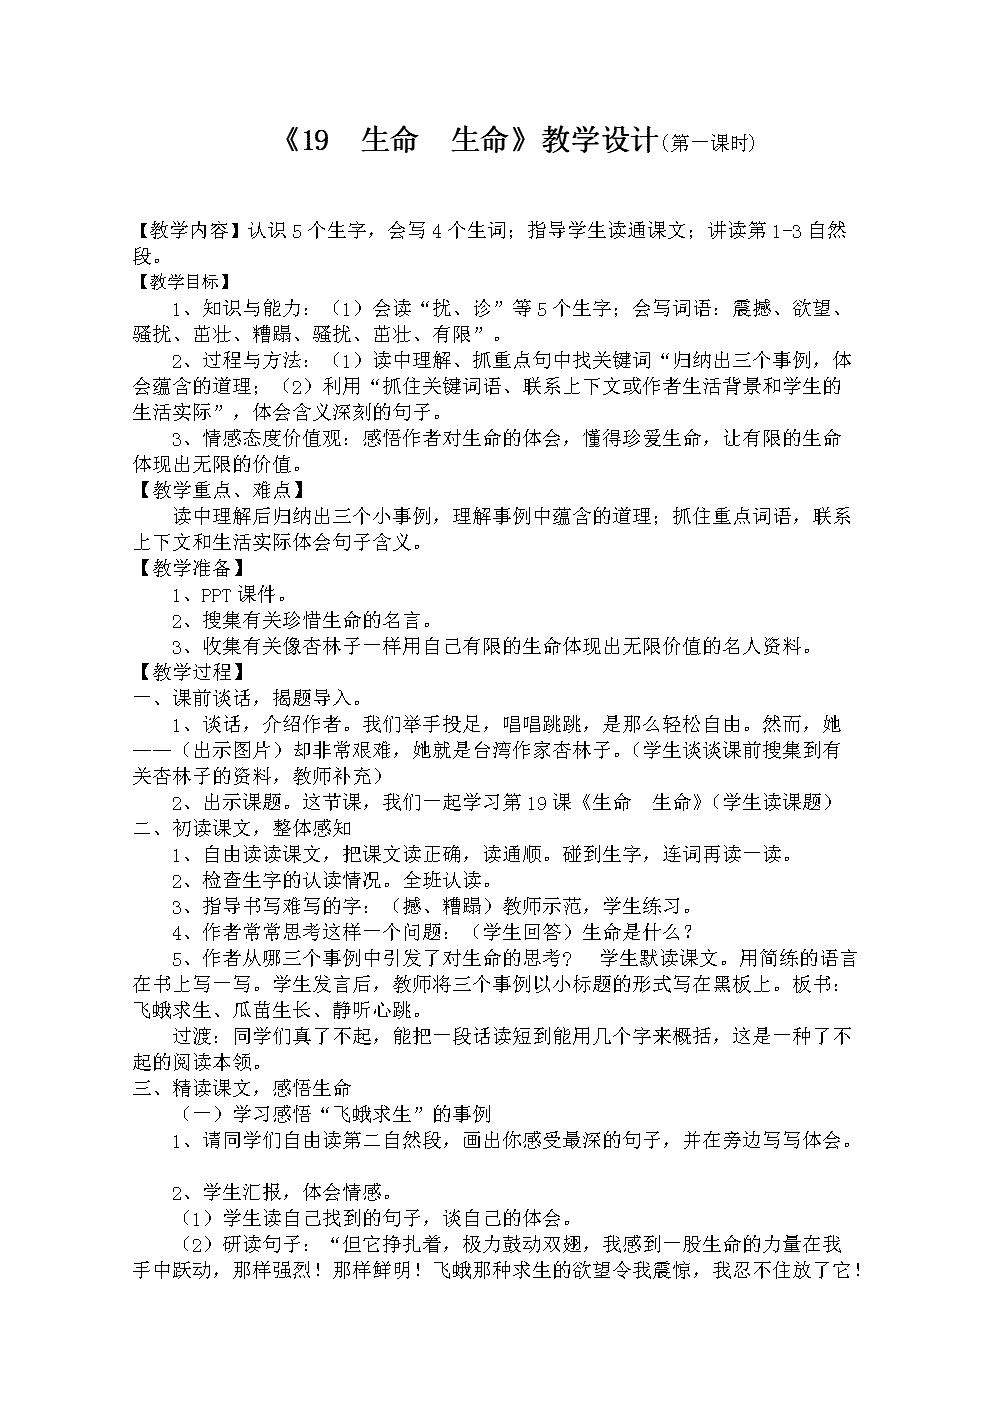 【人教新课标】四年级下册语文教案-5.17《生命 生命》 (1).doc